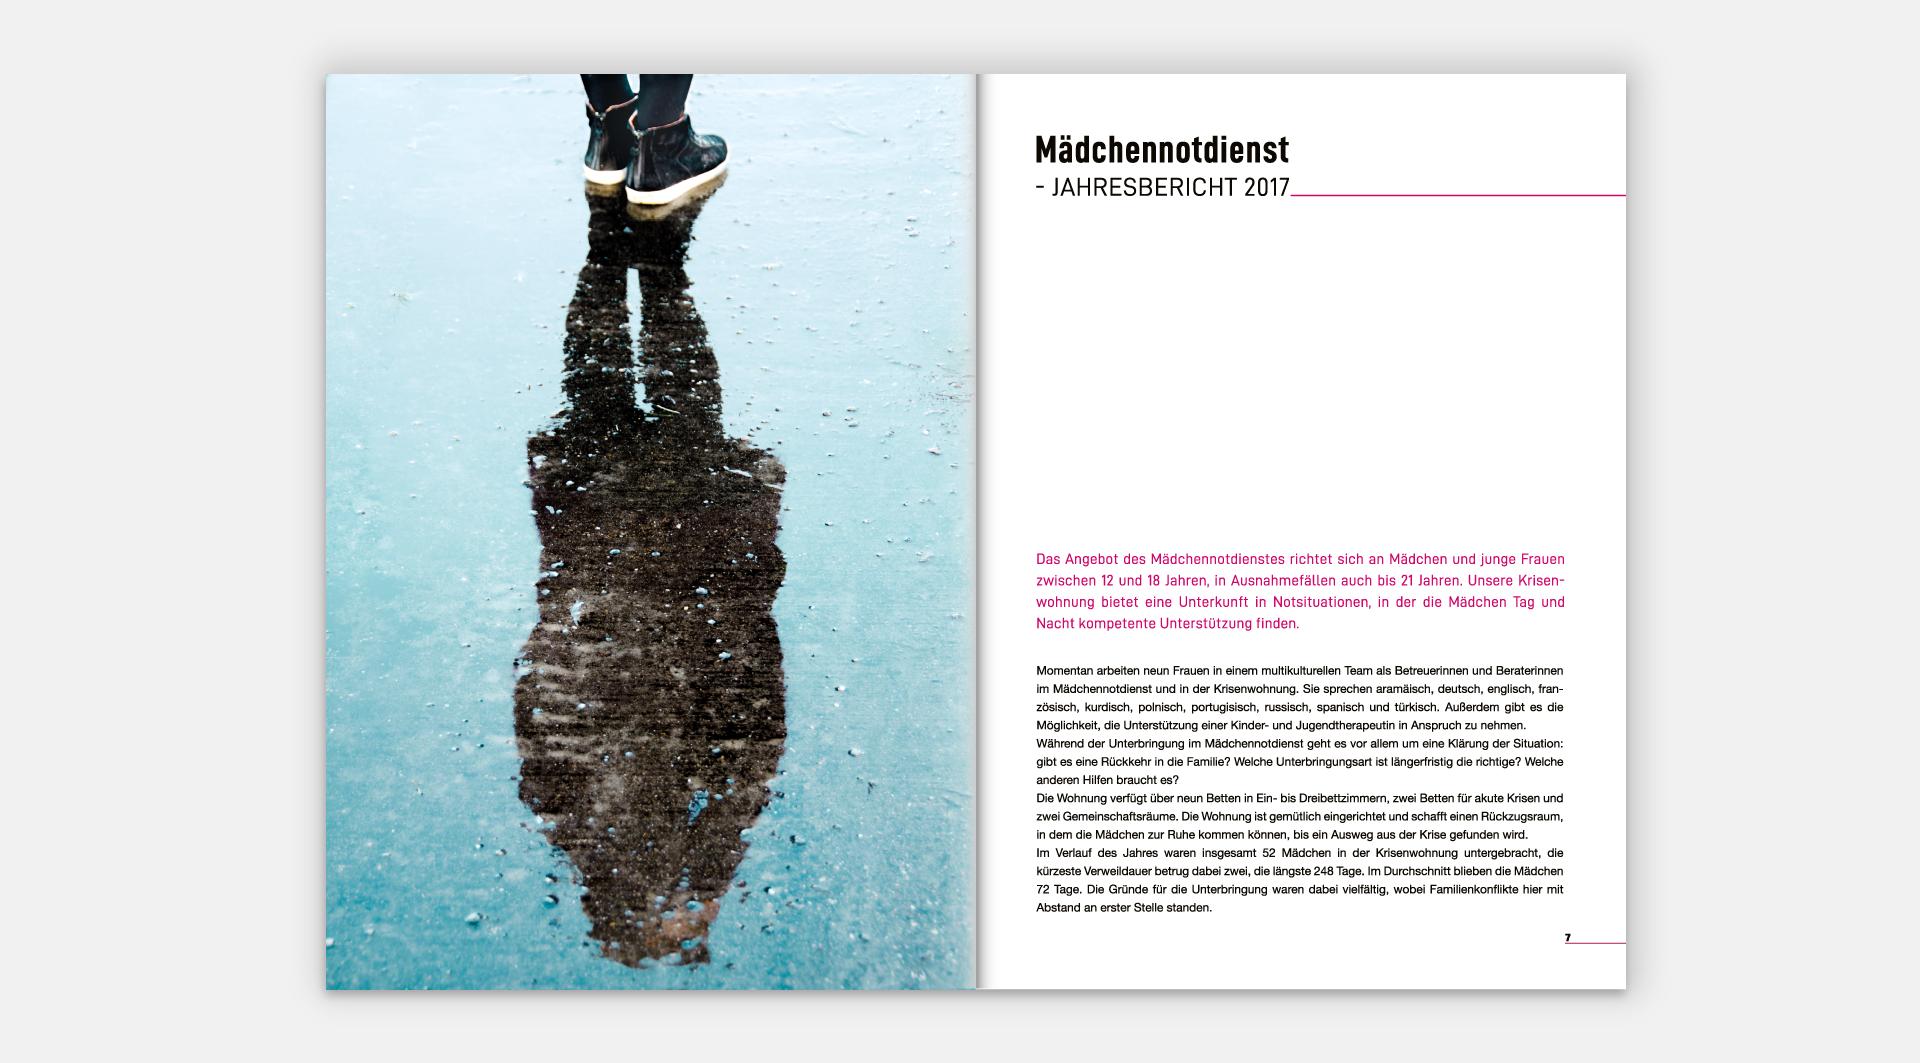 Wildwasser e. V. Jahresberichte 2017 - Seite 6-7